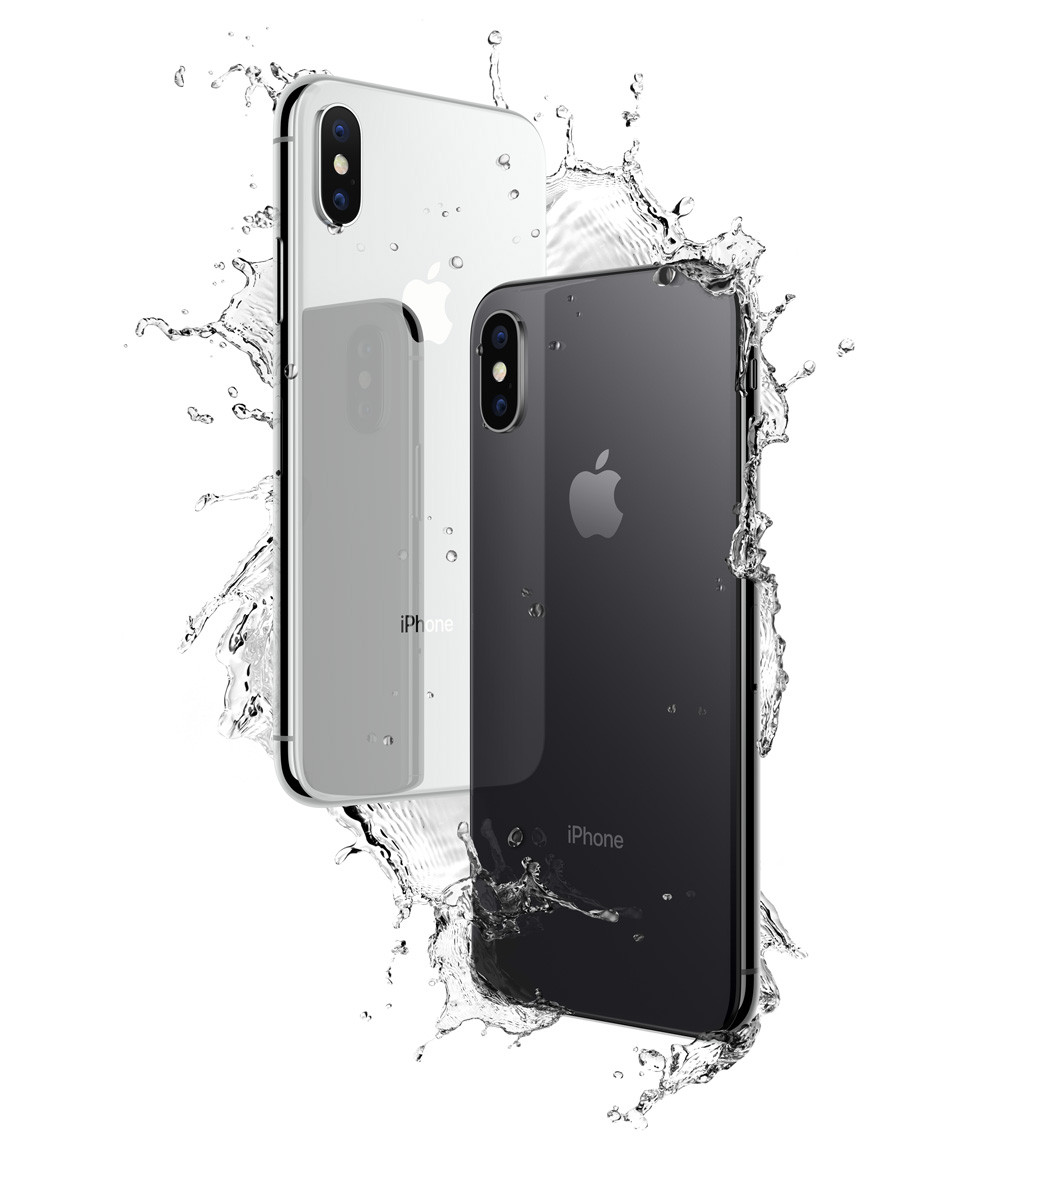 1505245272_apple-iphone-x-in-photos-26.jpg